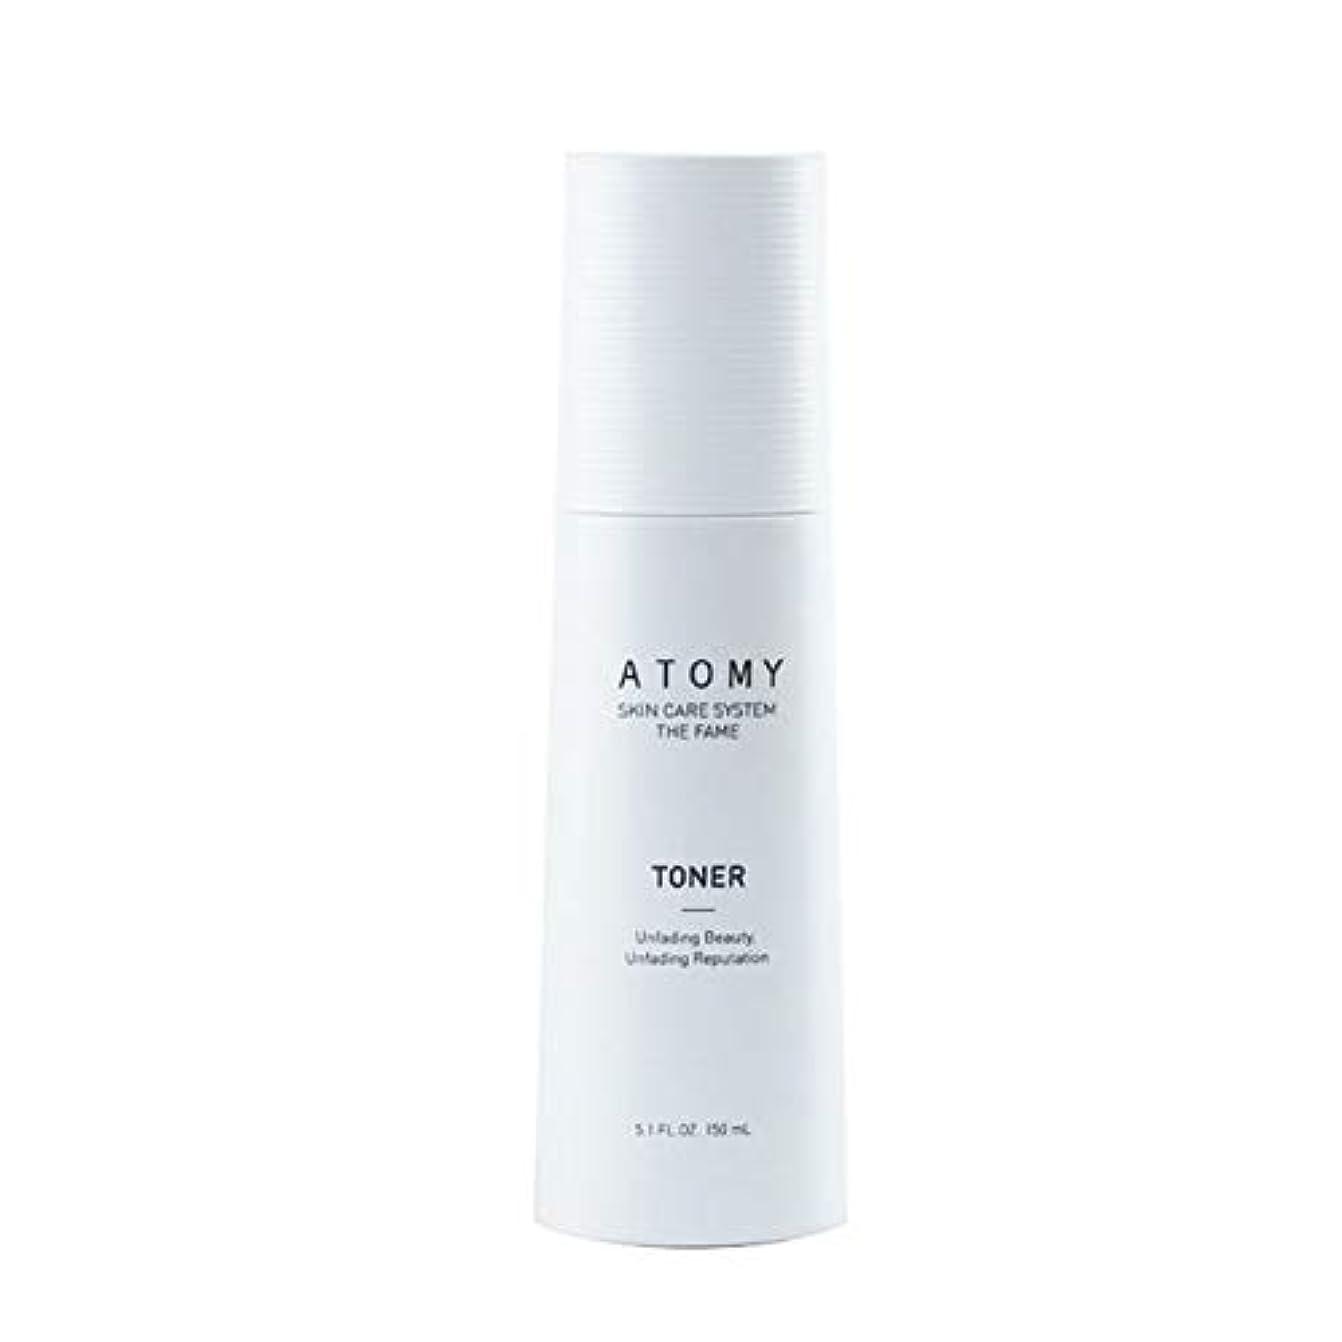 ティーンエイジャー癒すエイリアスアトミザ?フェームトナー150ml韓国コスメ、Atomy The Fame Toner 150ml Korean Cosmetics [並行輸入品]